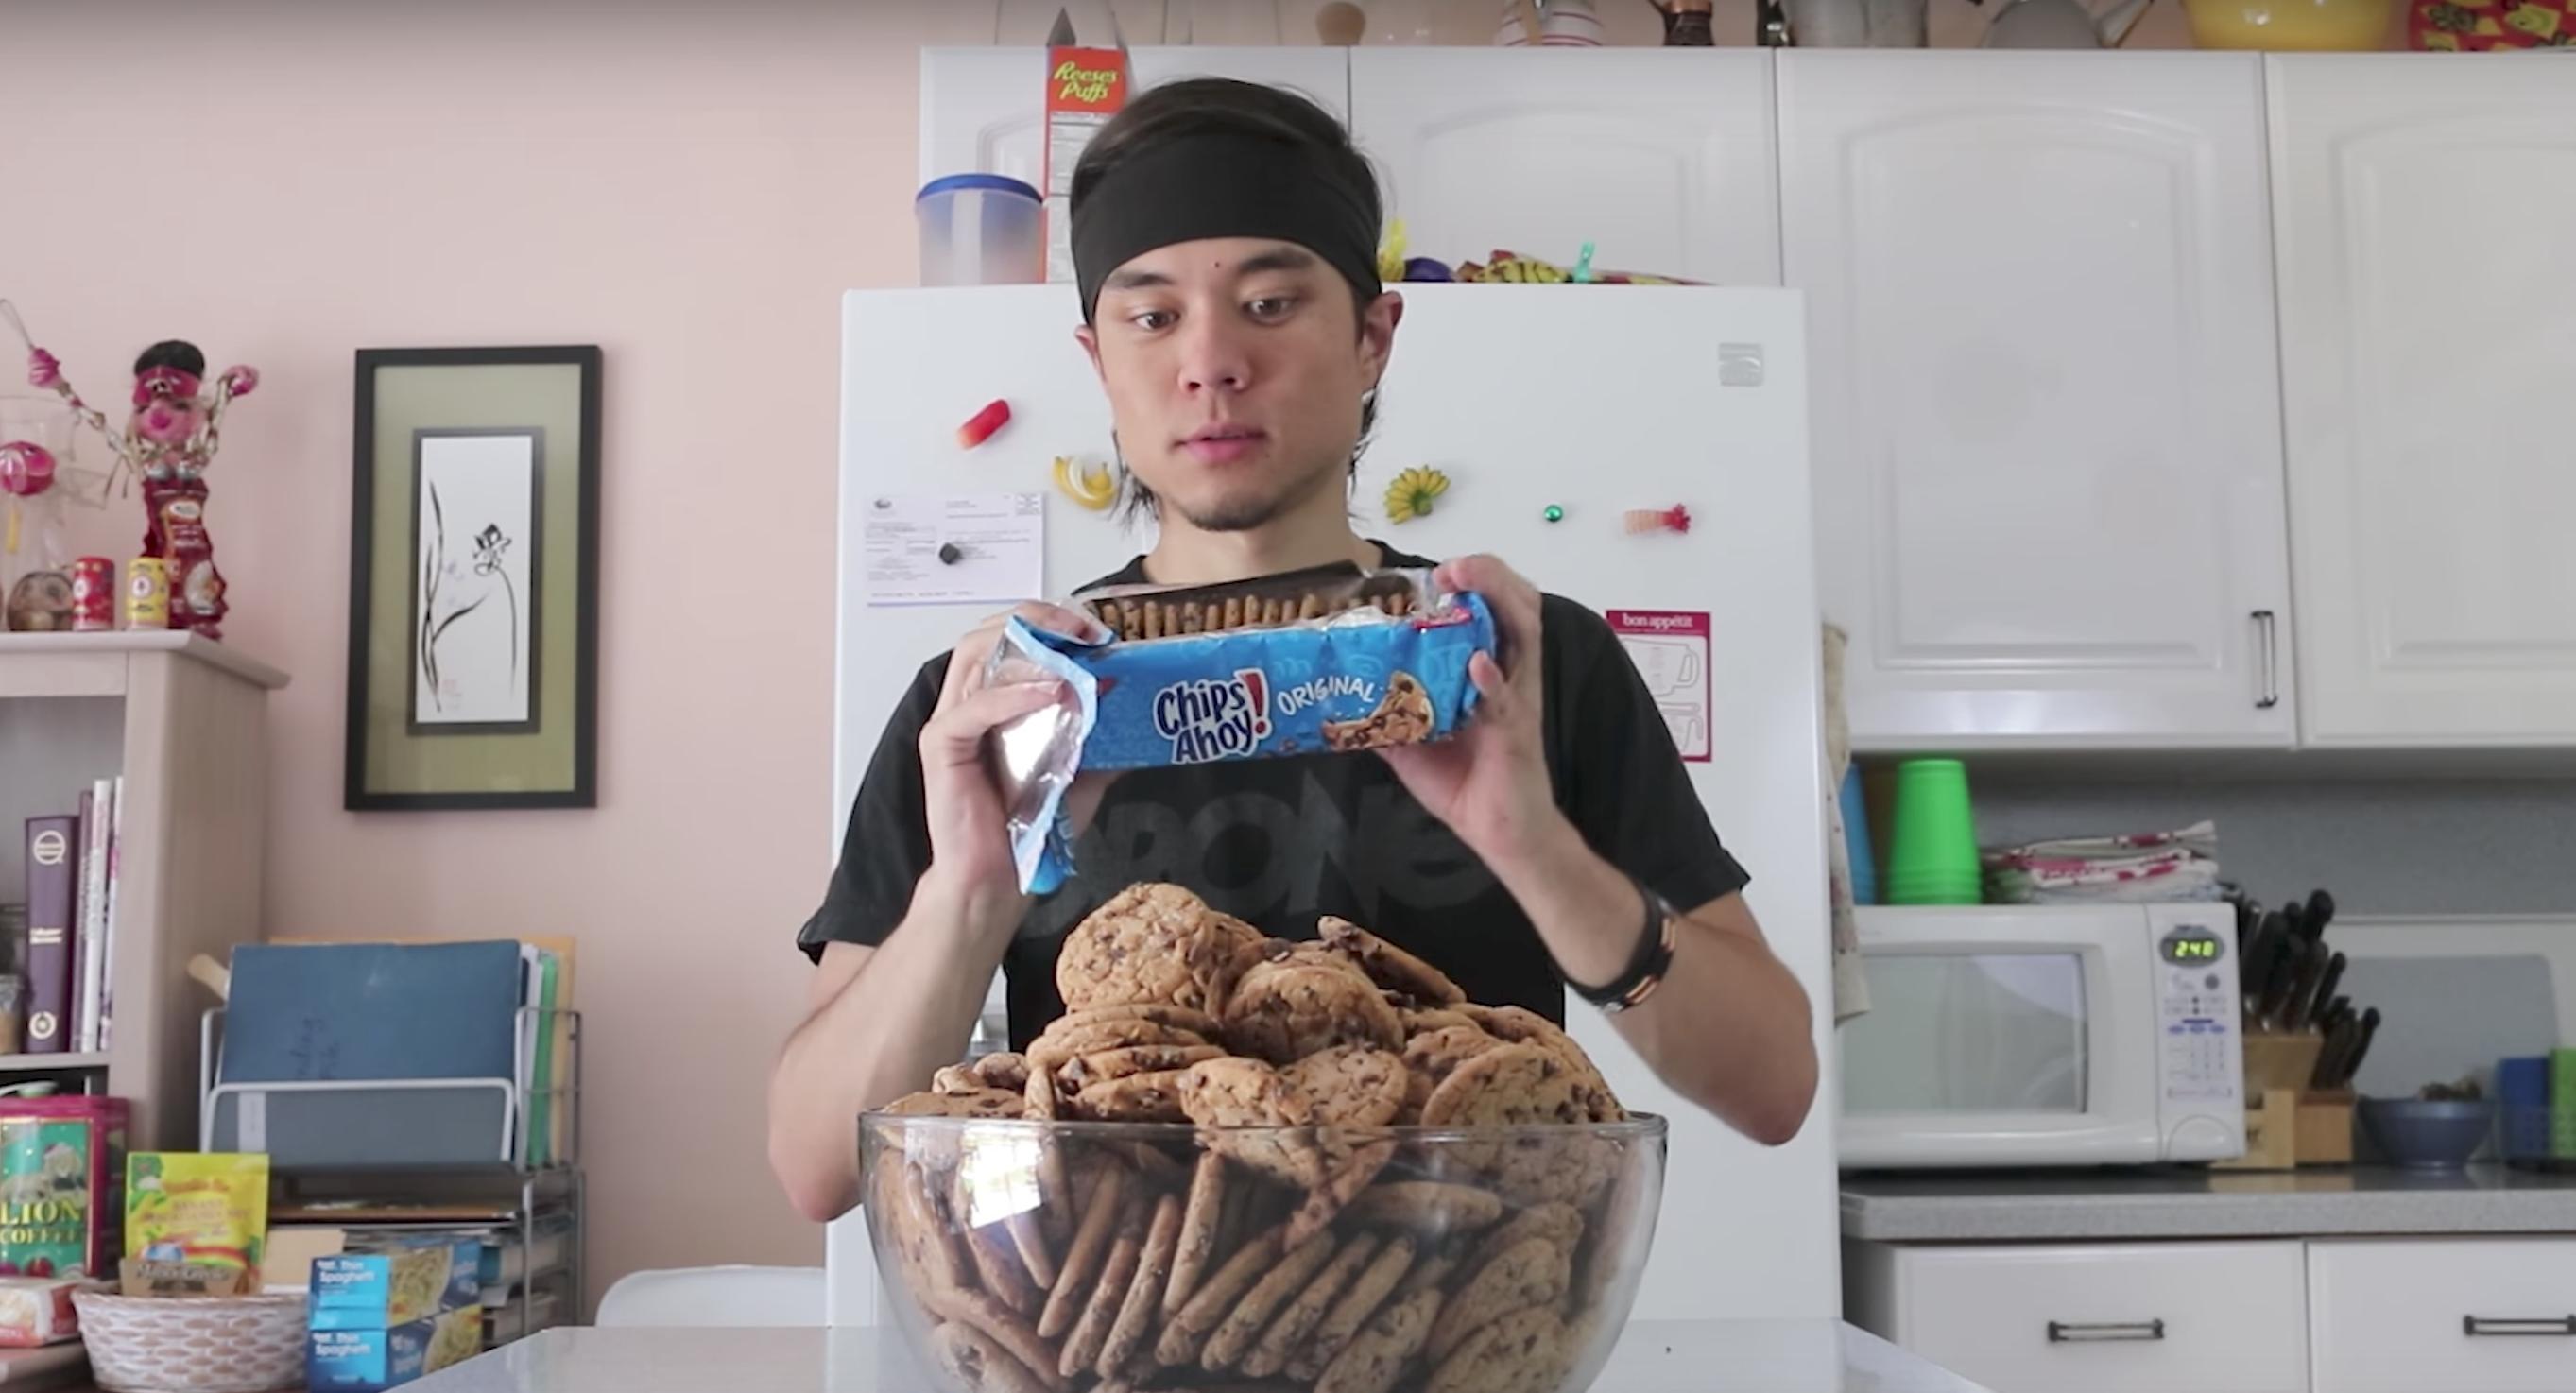 Il mange 237 cookies en 27 minutes, impossible pour vous ?